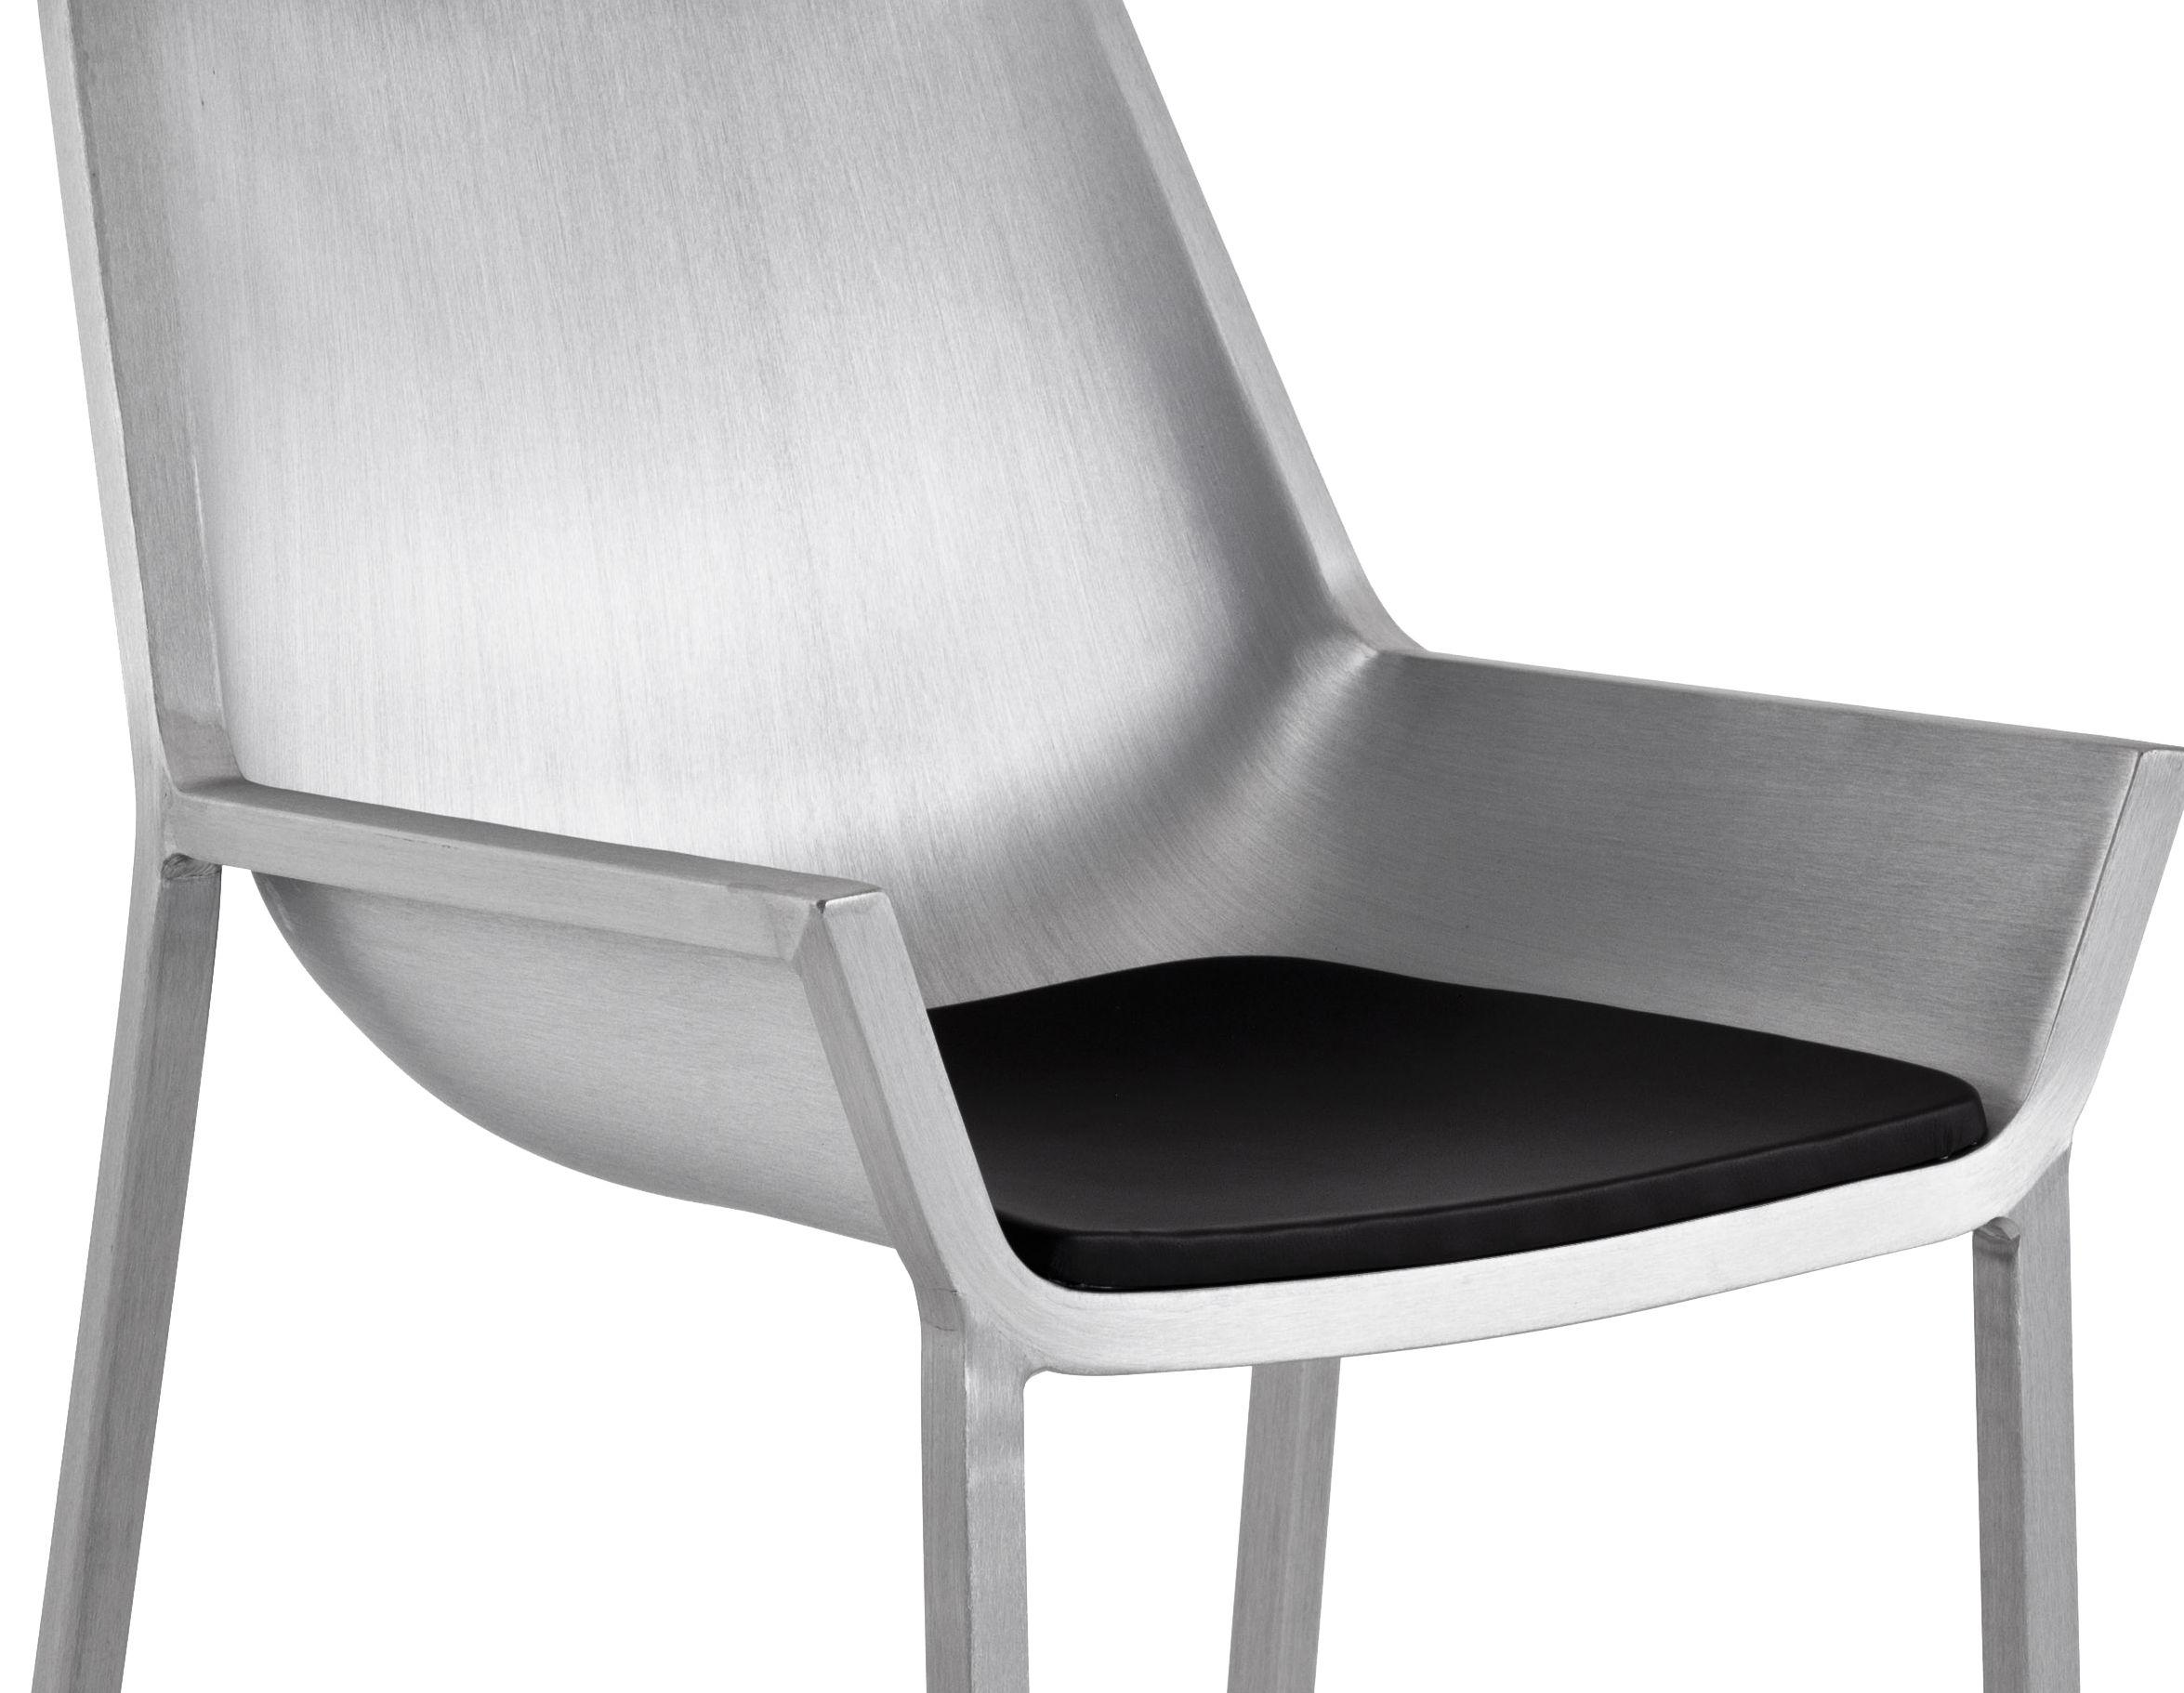 Outdoor - Poufs, coussins & tapis d'extérieur - Coussin d'assise / Pour collection Sezz - Emeco - Noir - Coussin assise - Vinyle